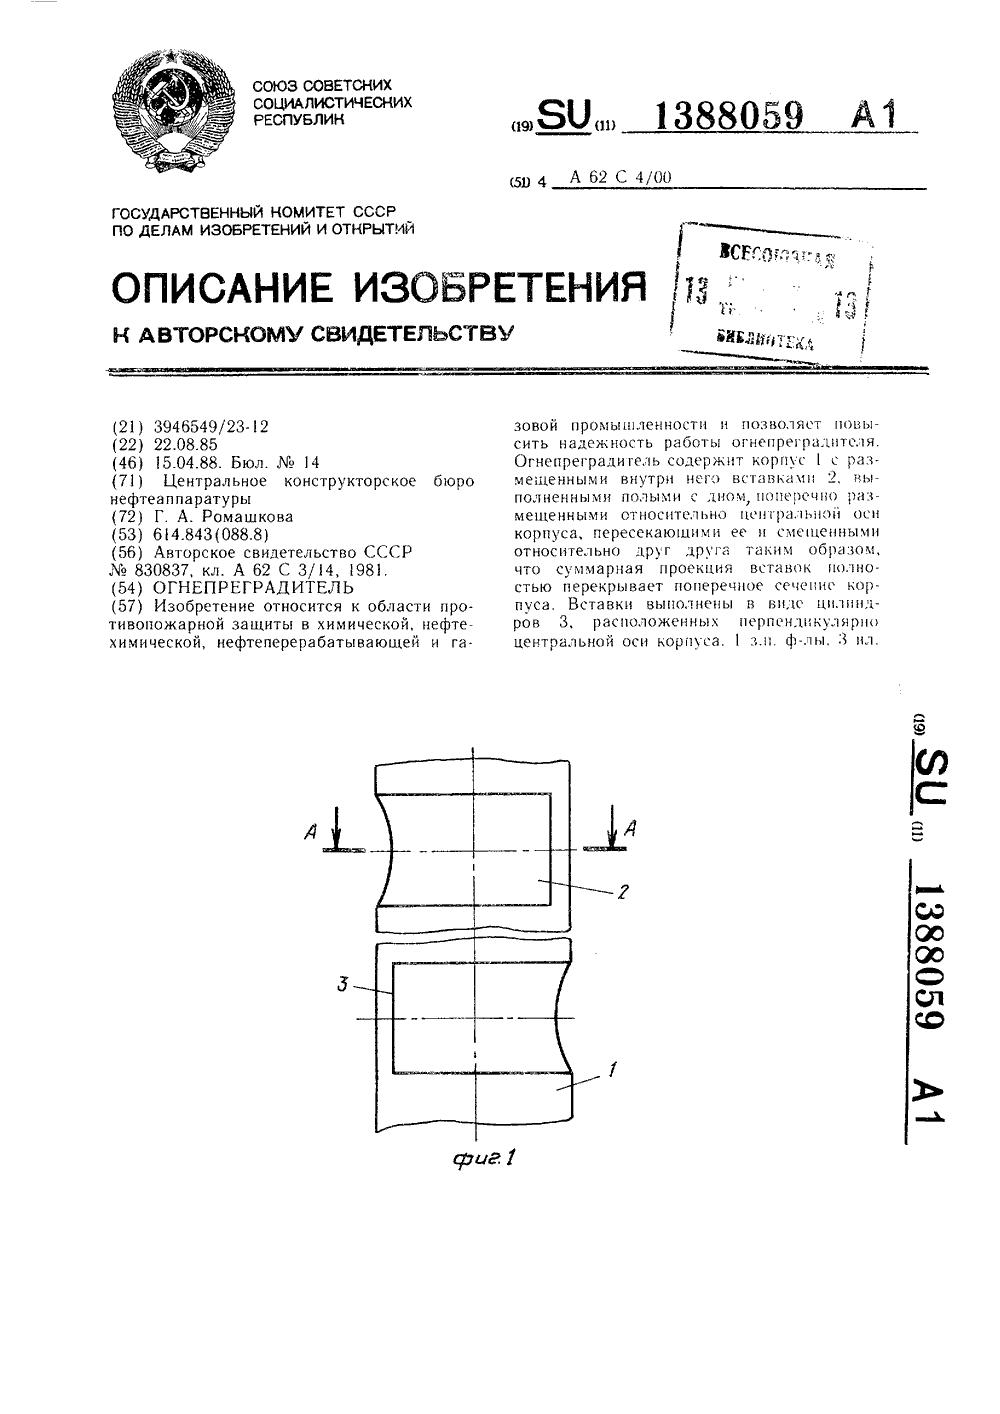 Огнепреградитель ромашковой схема